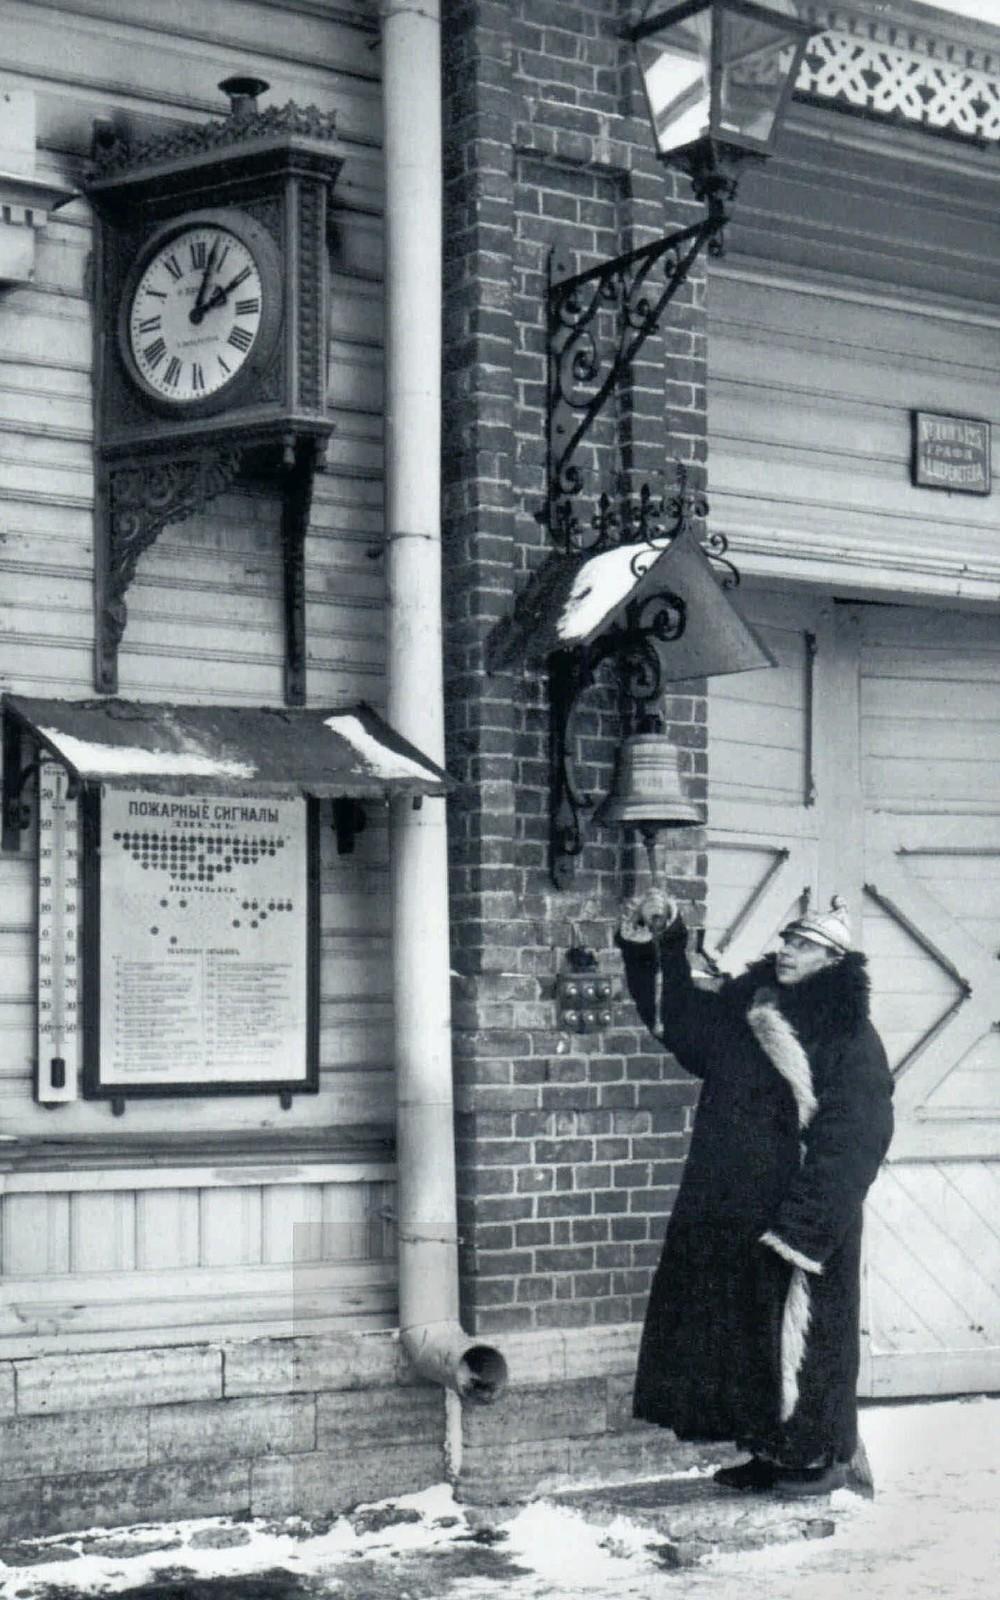 104. 1908. Дежурный пожарный Лиговсокго резерва пожарной дружины у сигнального колокола